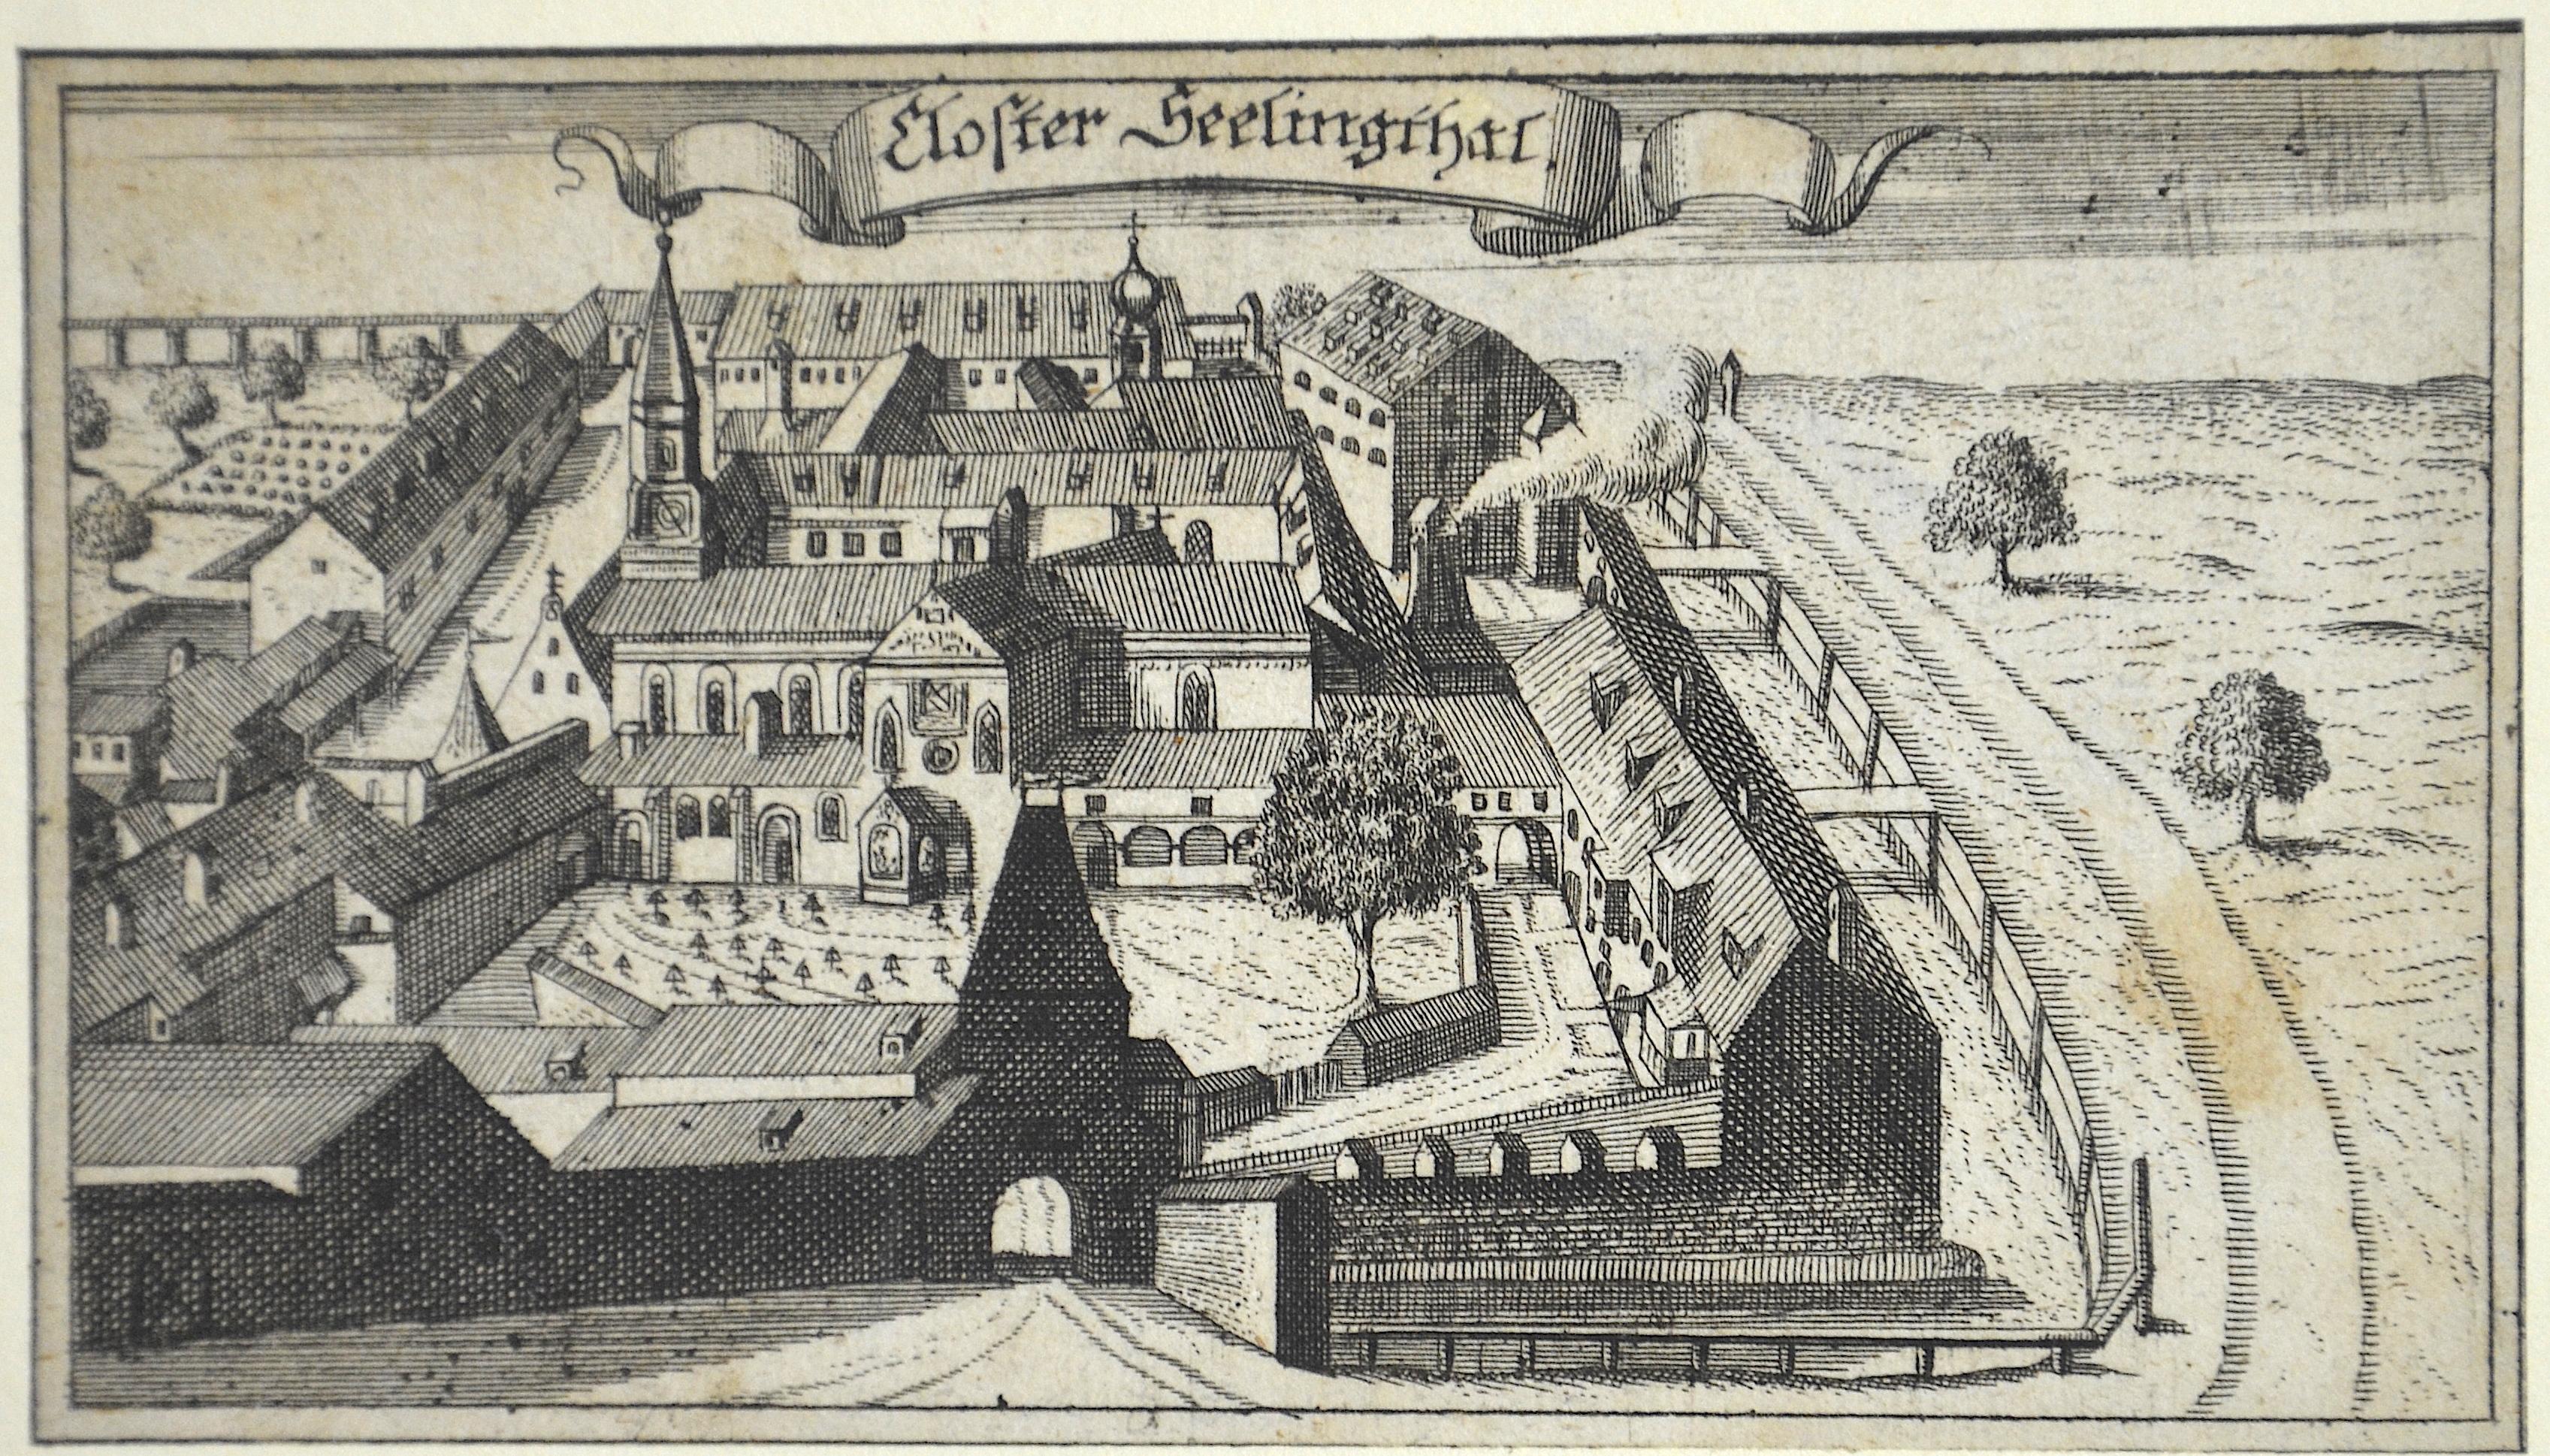 Ertl  Closter Seelingthal.